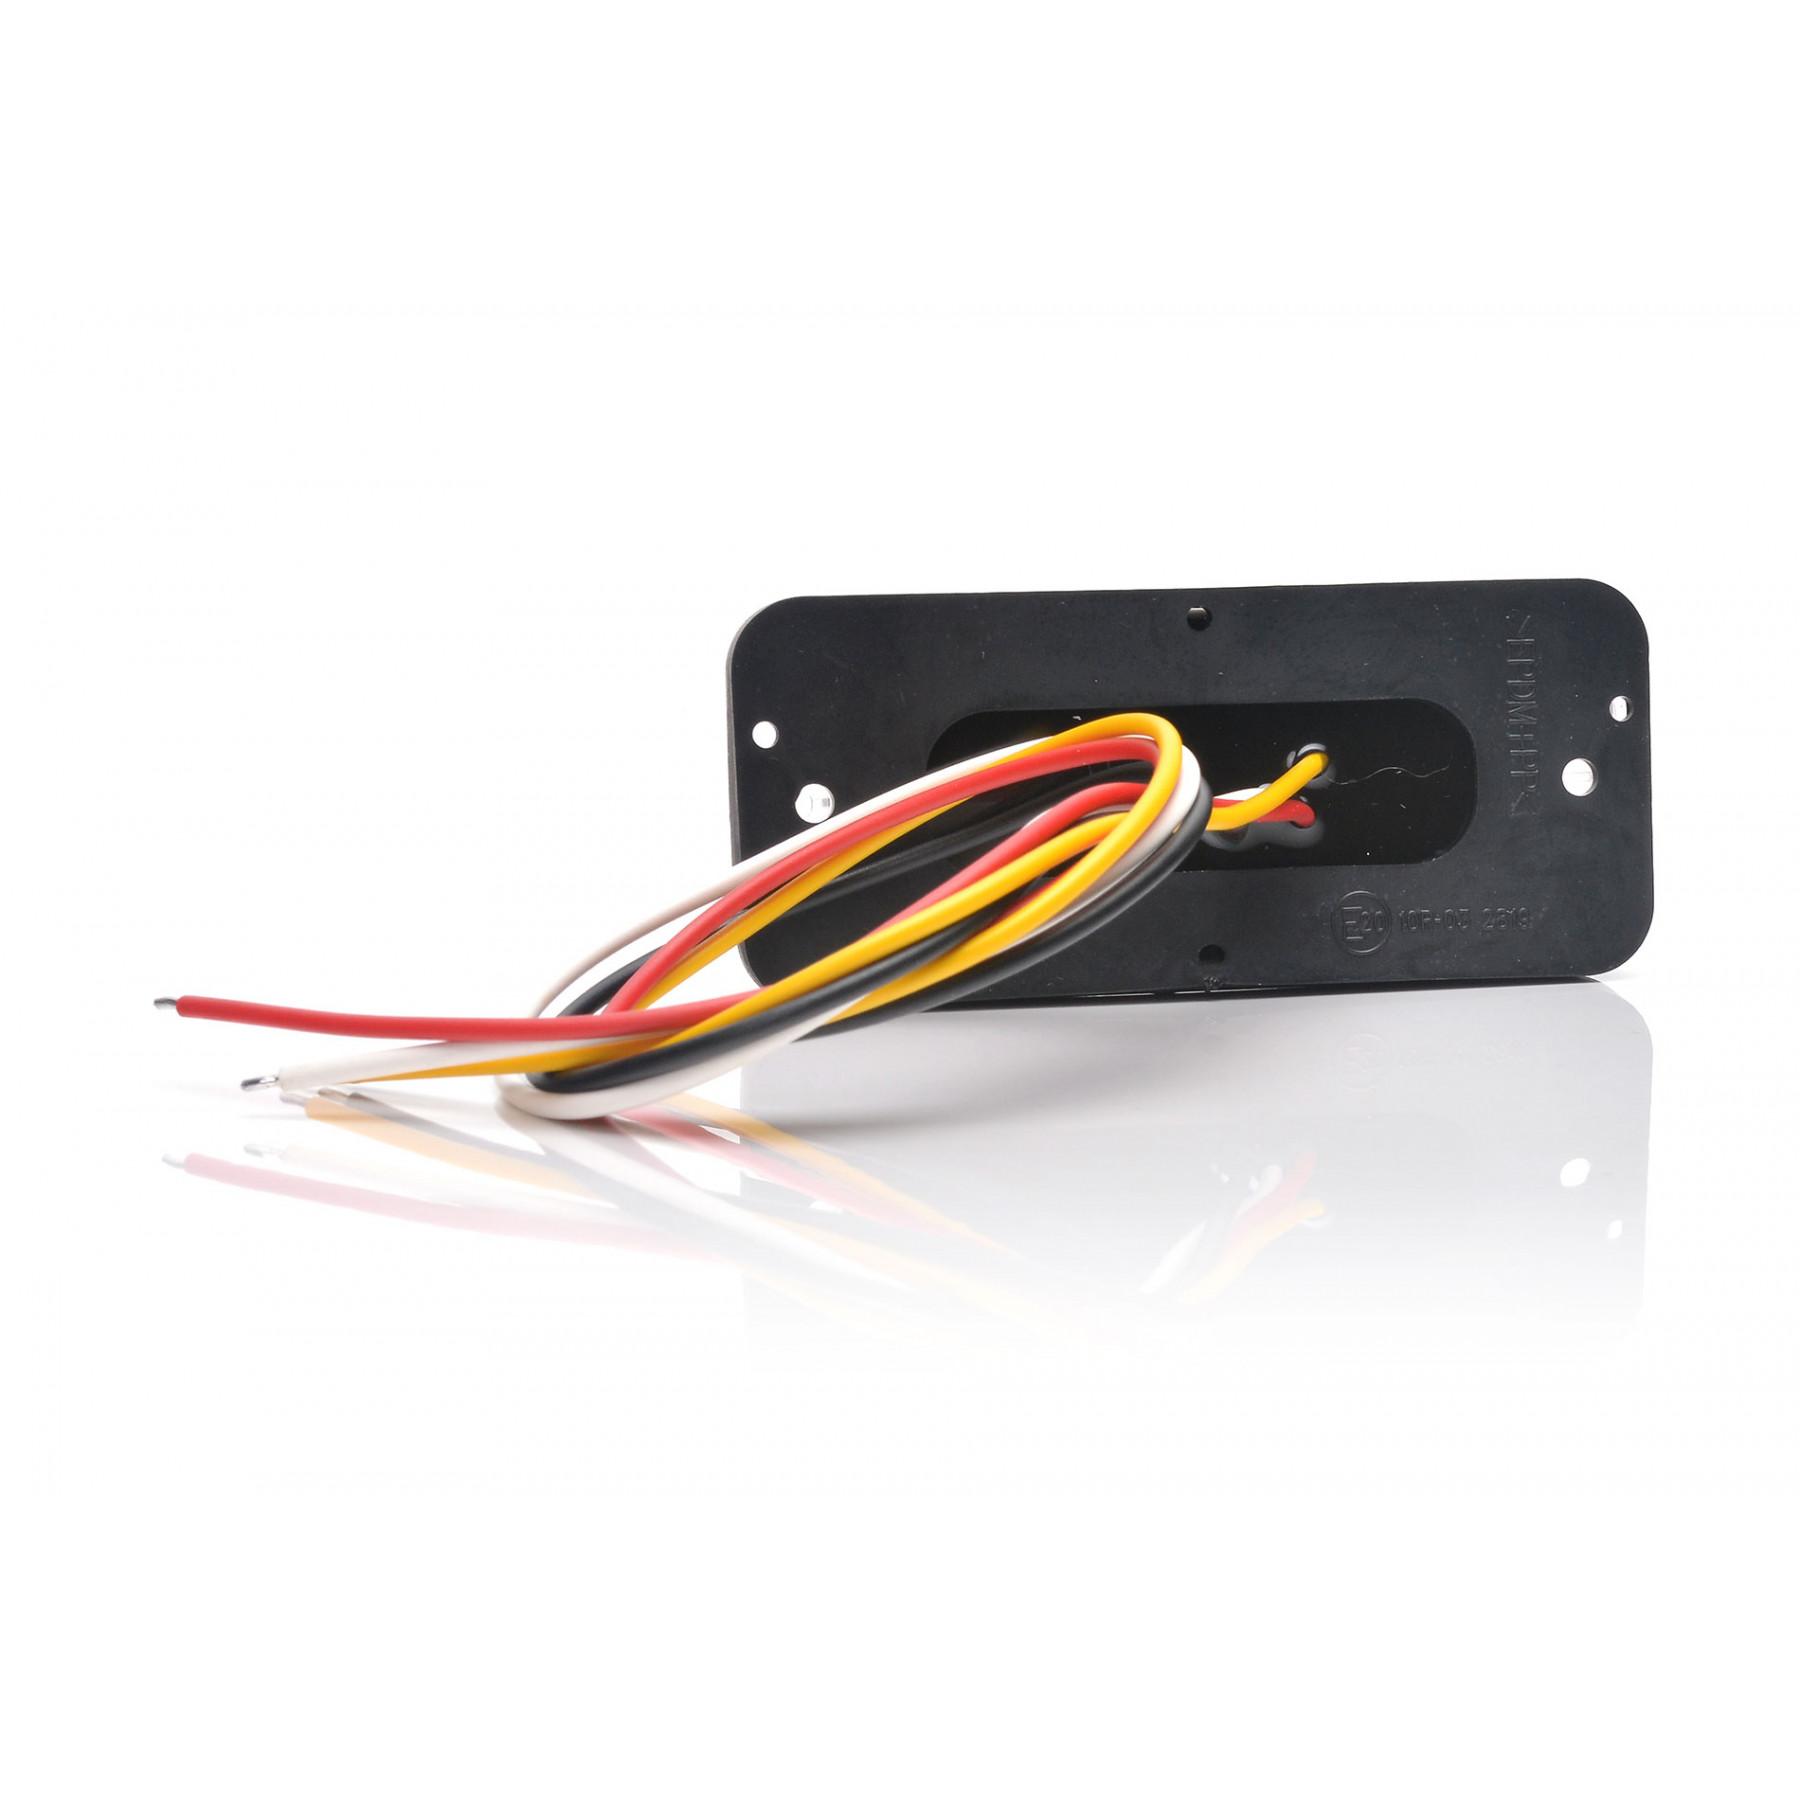 Achterlicht LED 3 functies 107,4x46,7x23mm